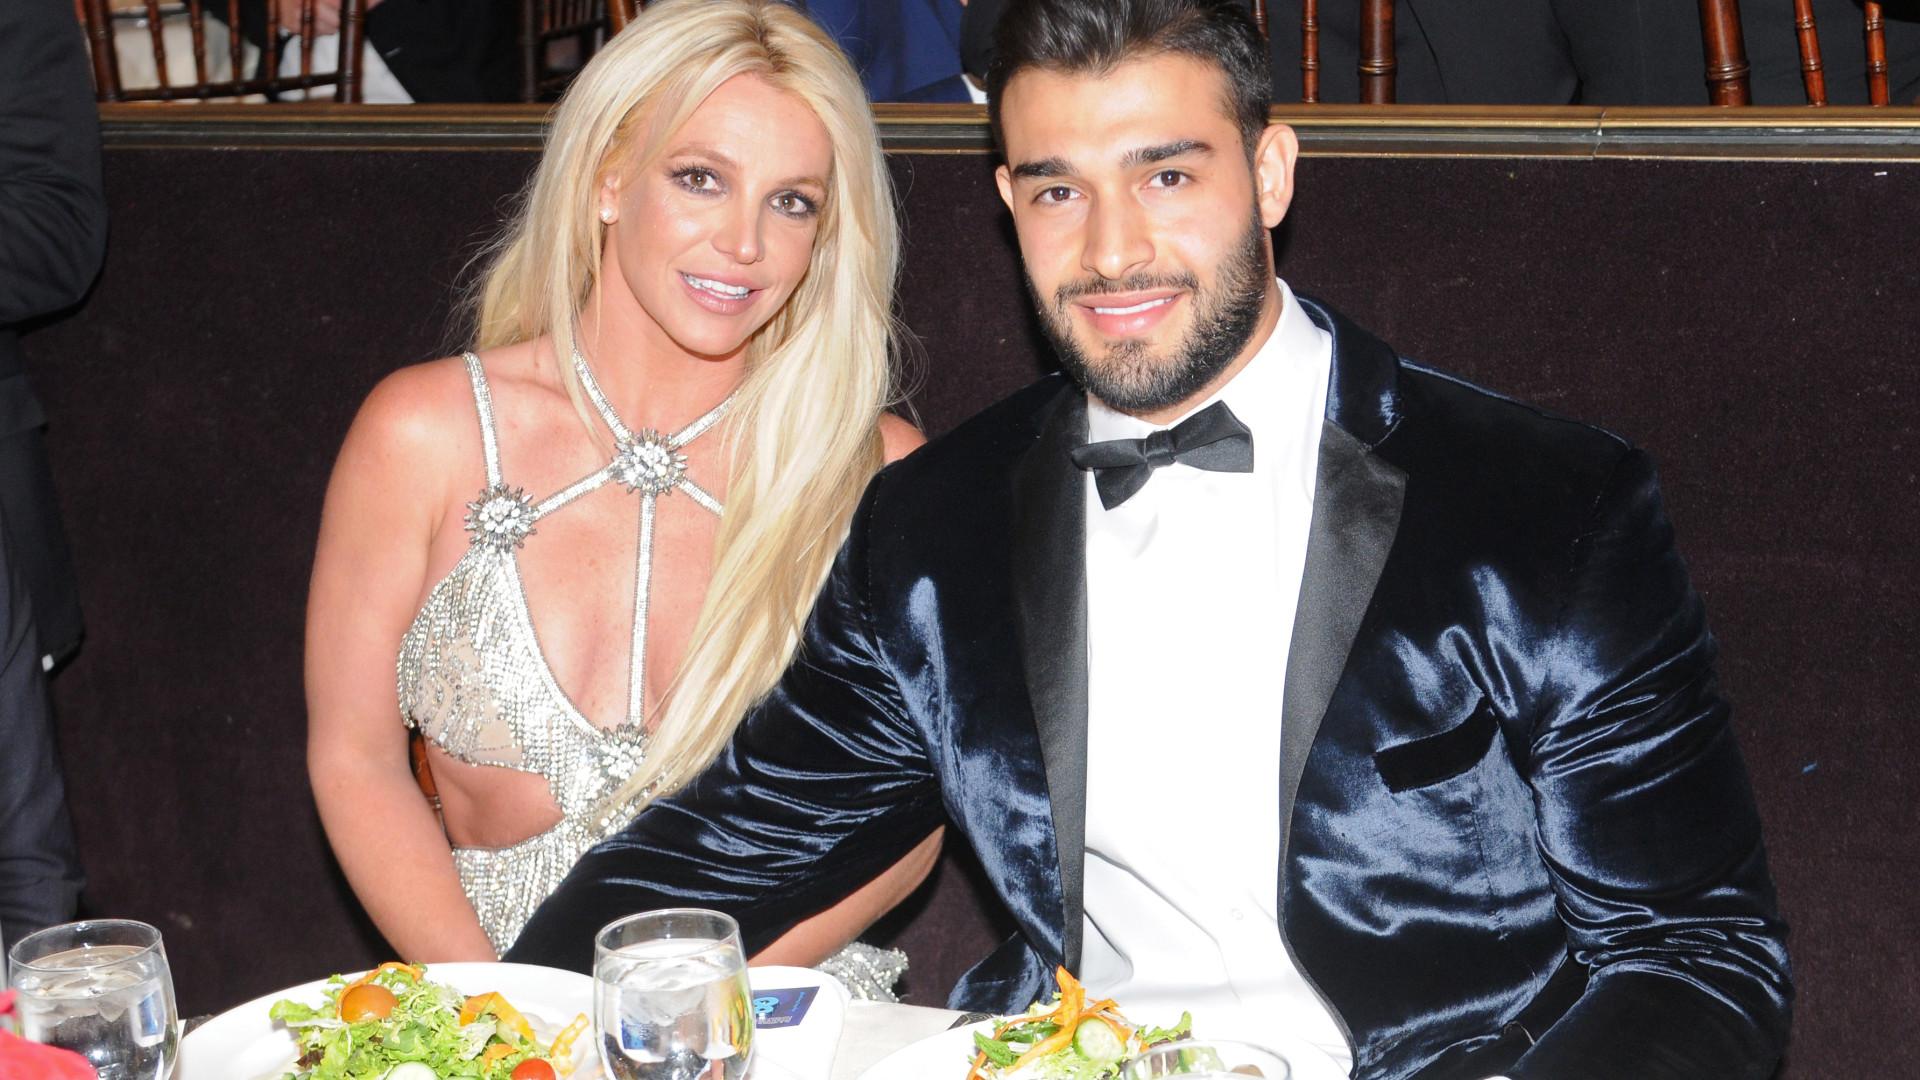 Por medo de golpe, pai de Britney Spears veta casamento da filha